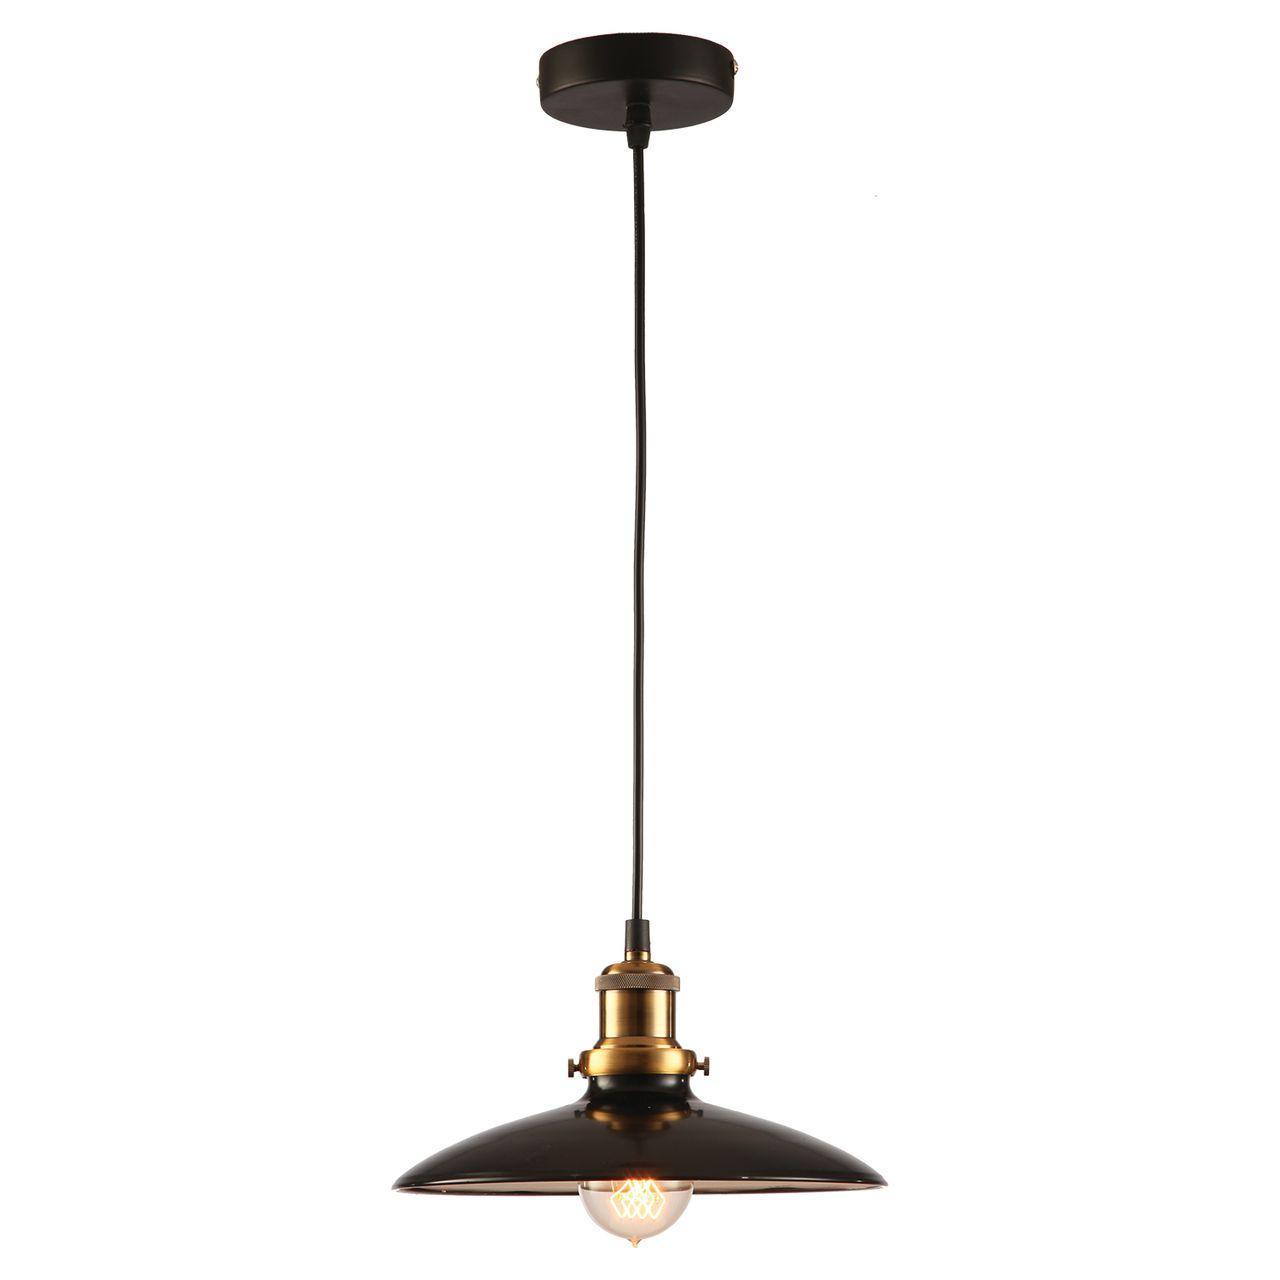 Подвесной светильник Lussole Loft IX LSP-9604 подвесной светильник lussole loft ix lsp 9604